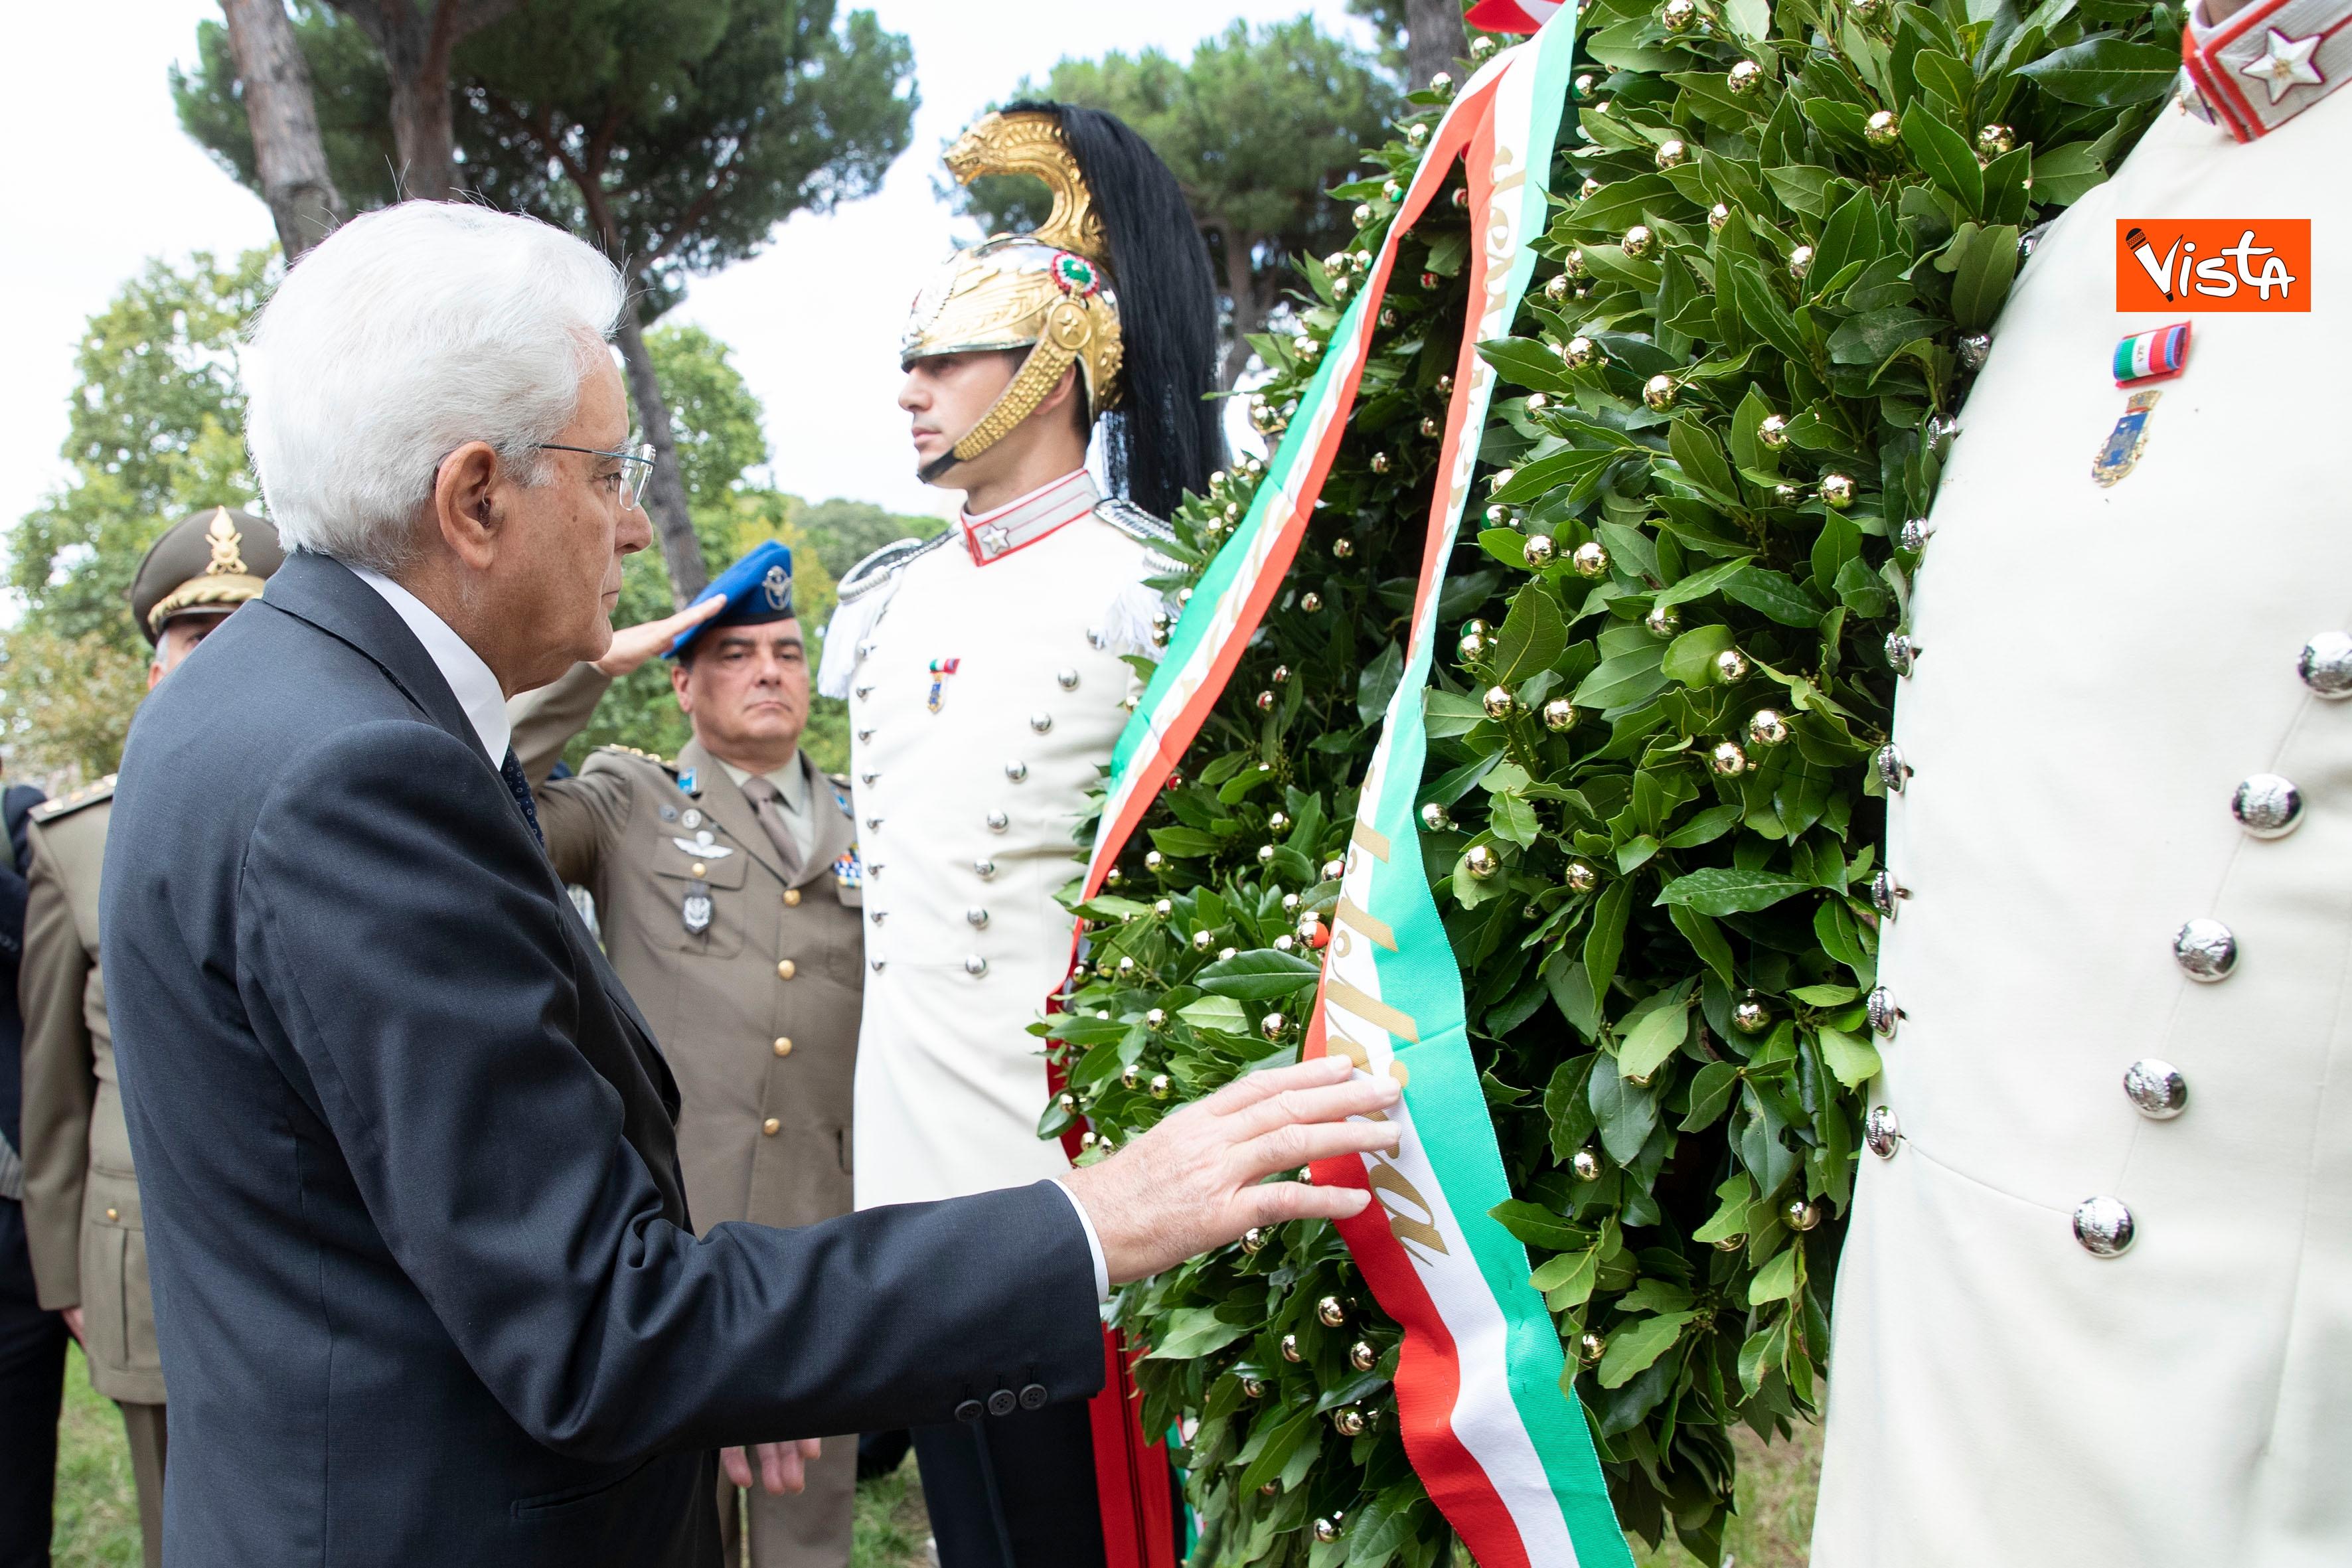 08-09-19 Mattarella depone corona d'alloro a Porta San Paolo per l'anniversario della difesa di Roma_09